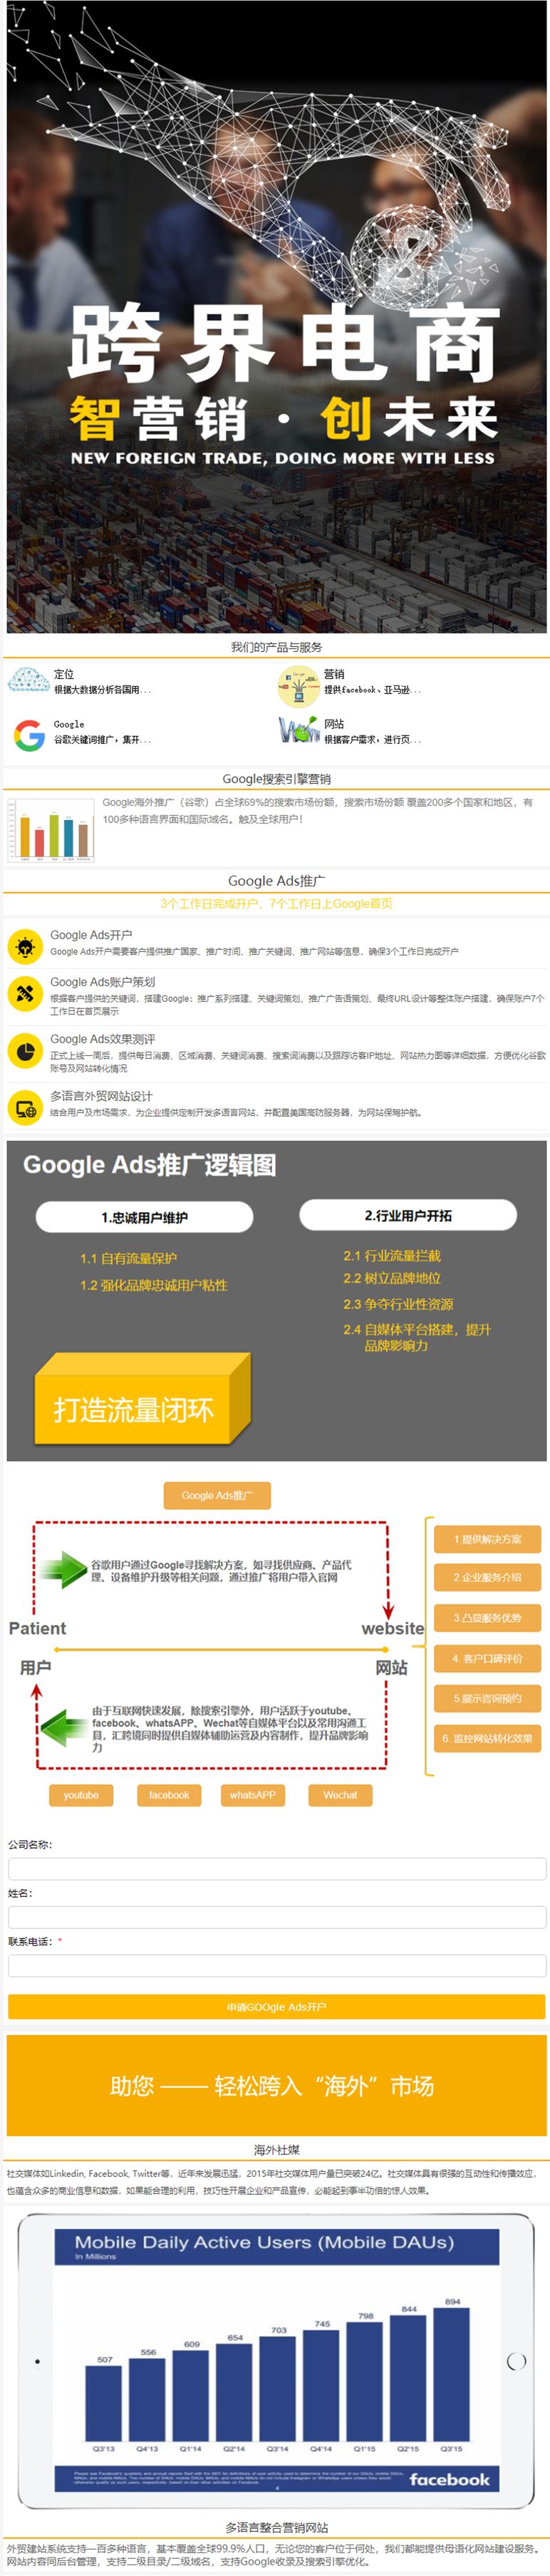 汇跨境_汇客网络-网站建设-产品托管代运营 谷歌首页牛_副本.png